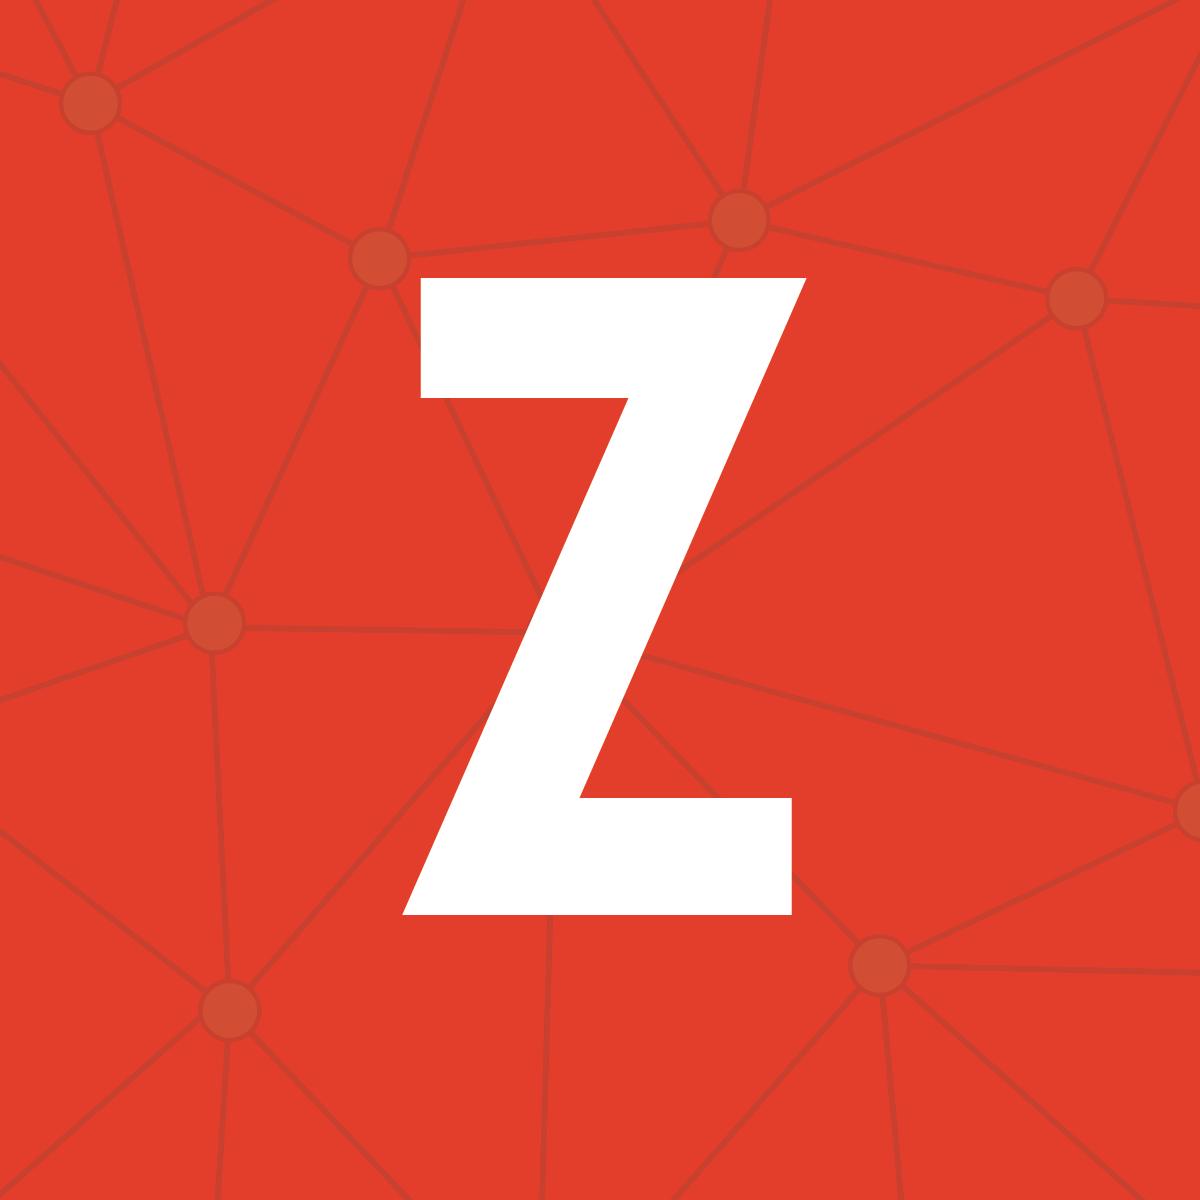 MOBIX est certifié ZOHO